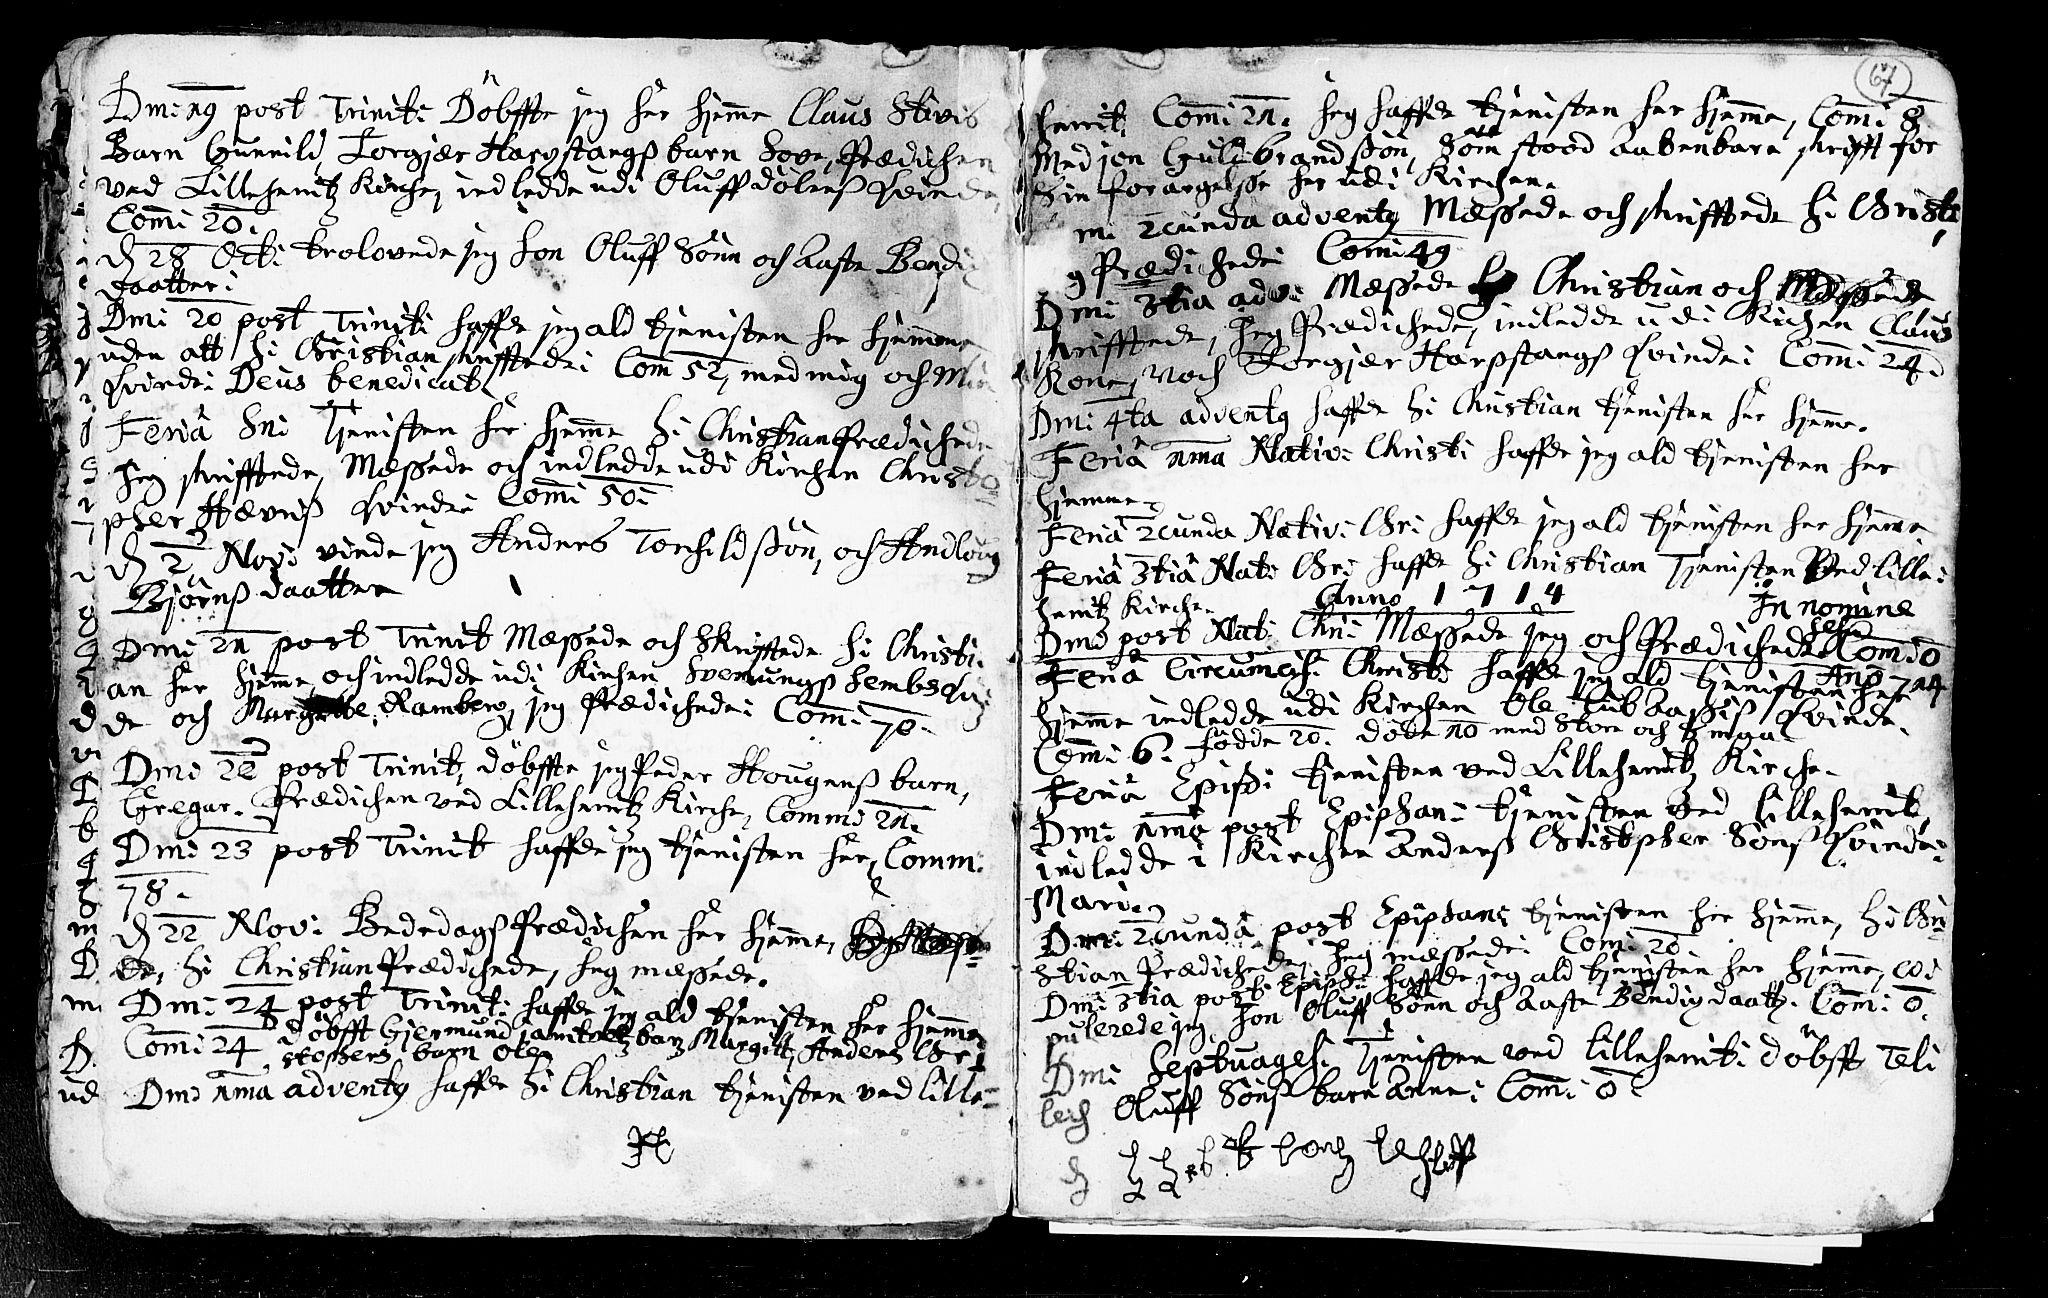 SAKO, Heddal kirkebøker, F/Fa/L0002: Ministerialbok nr. I 2, 1699-1722, s. 67